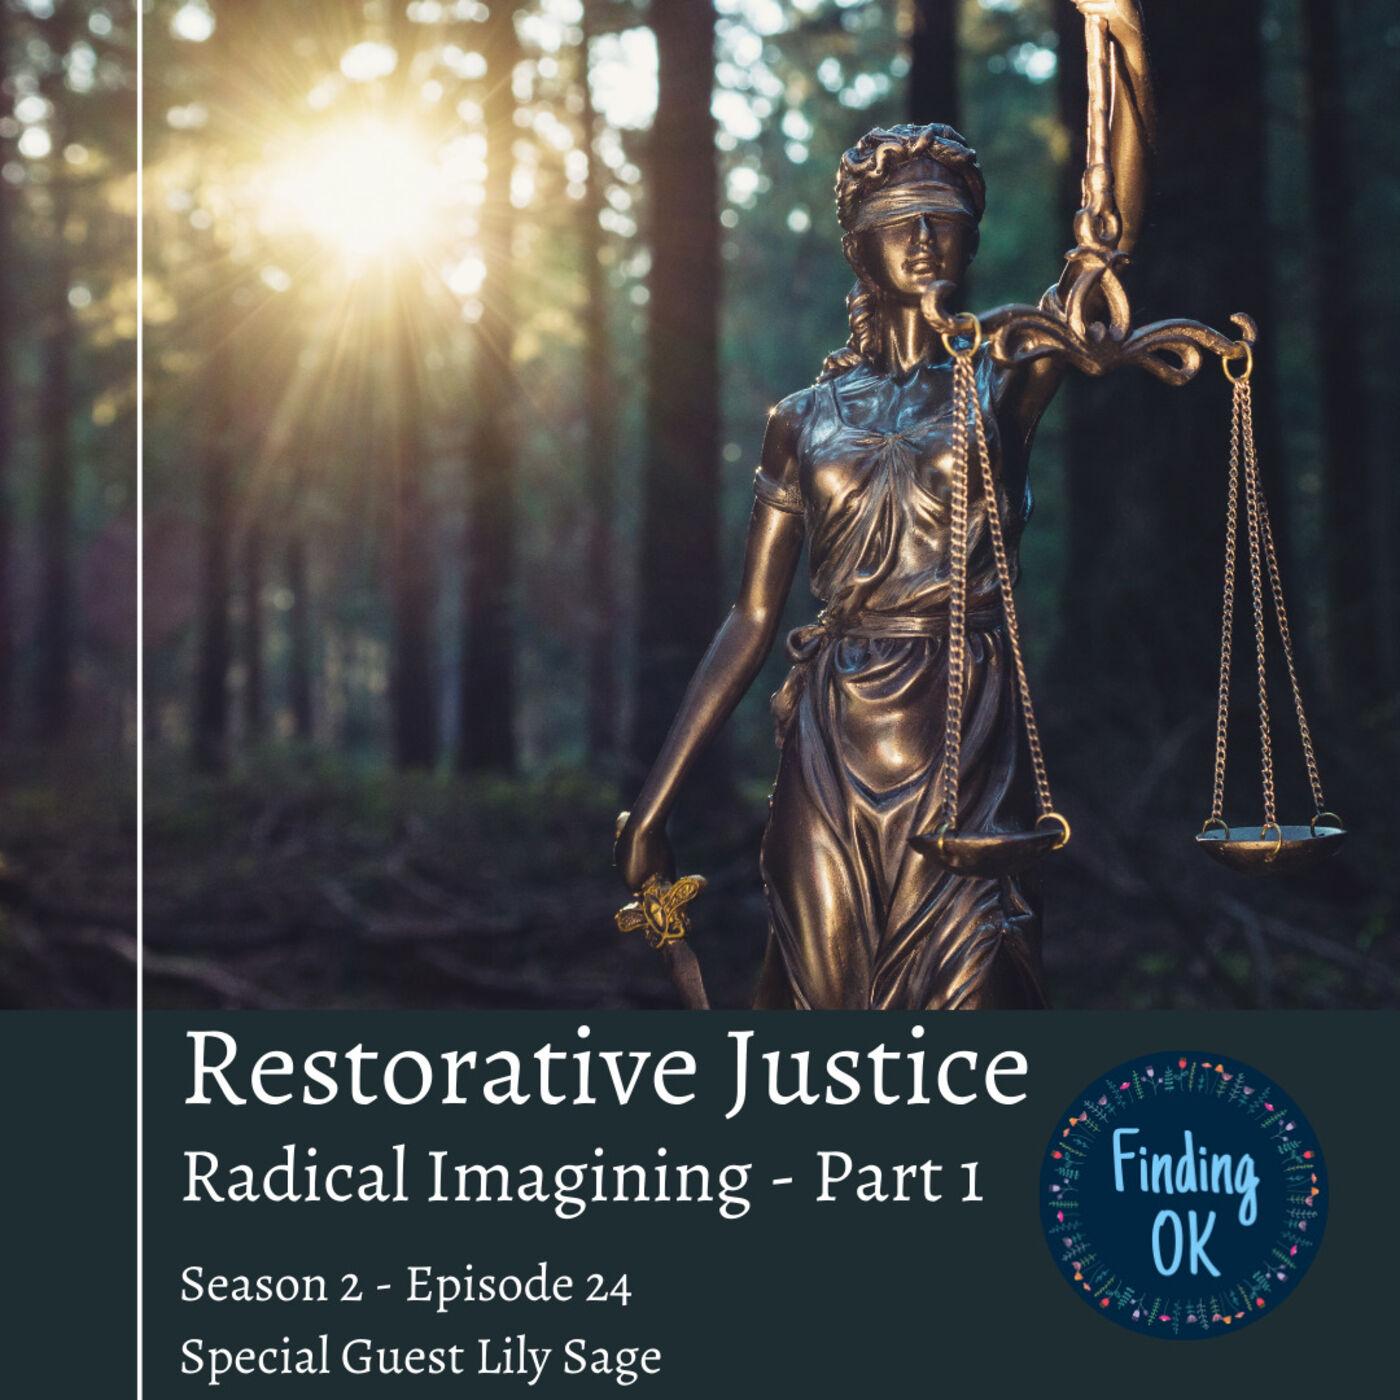 Restorative Justice - Radical Imagining - Part 1